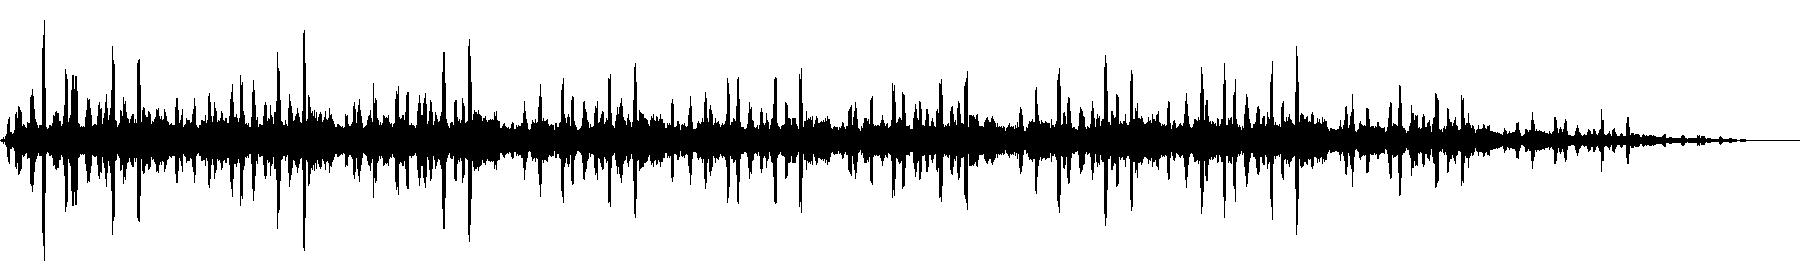 bluezone xworld sound 026